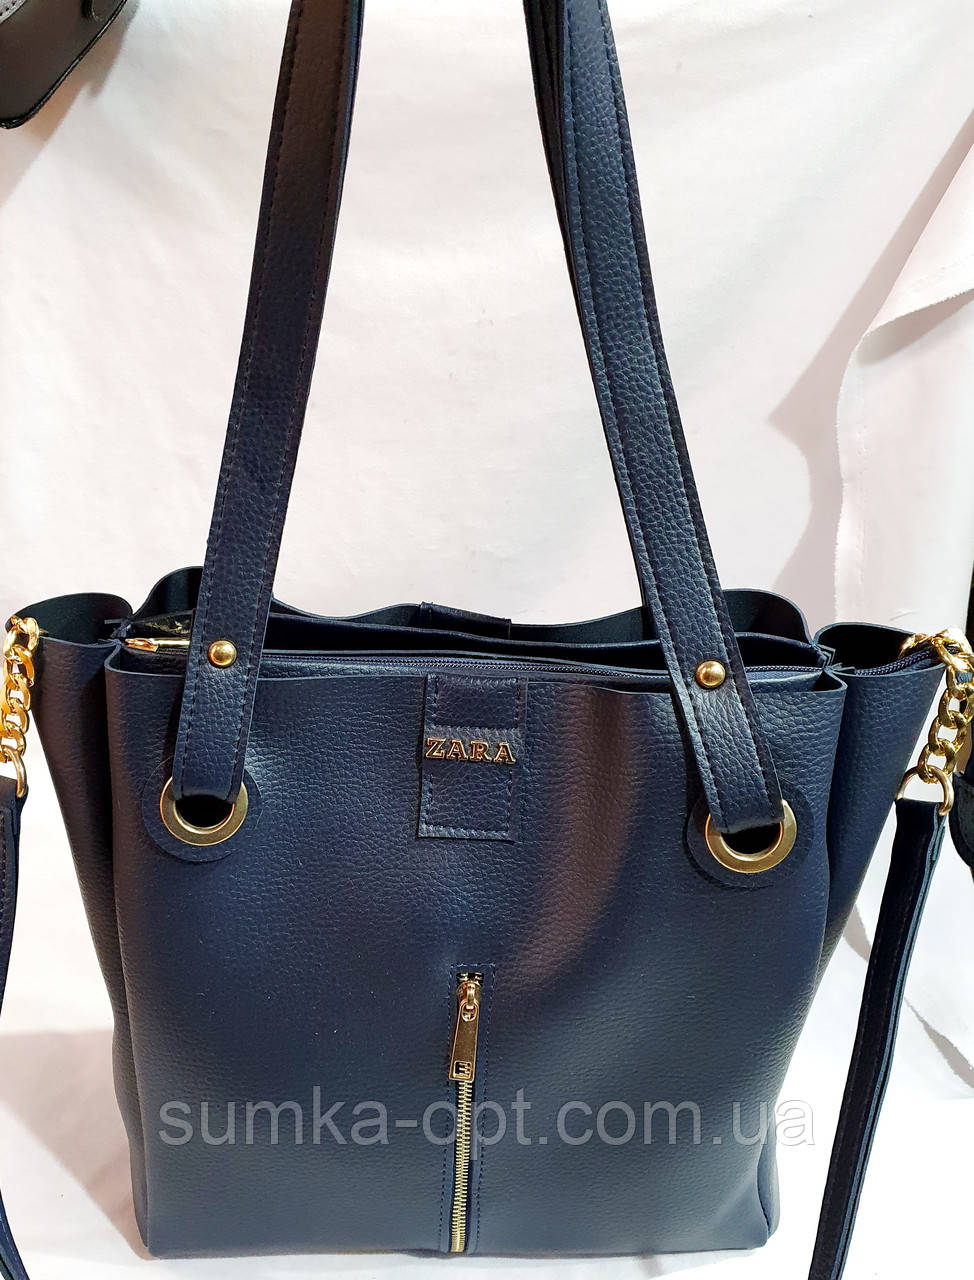 Брендовая женская сумка Zara с боковыми карманами, синяя с серебристой фурнитурой 29*30 см